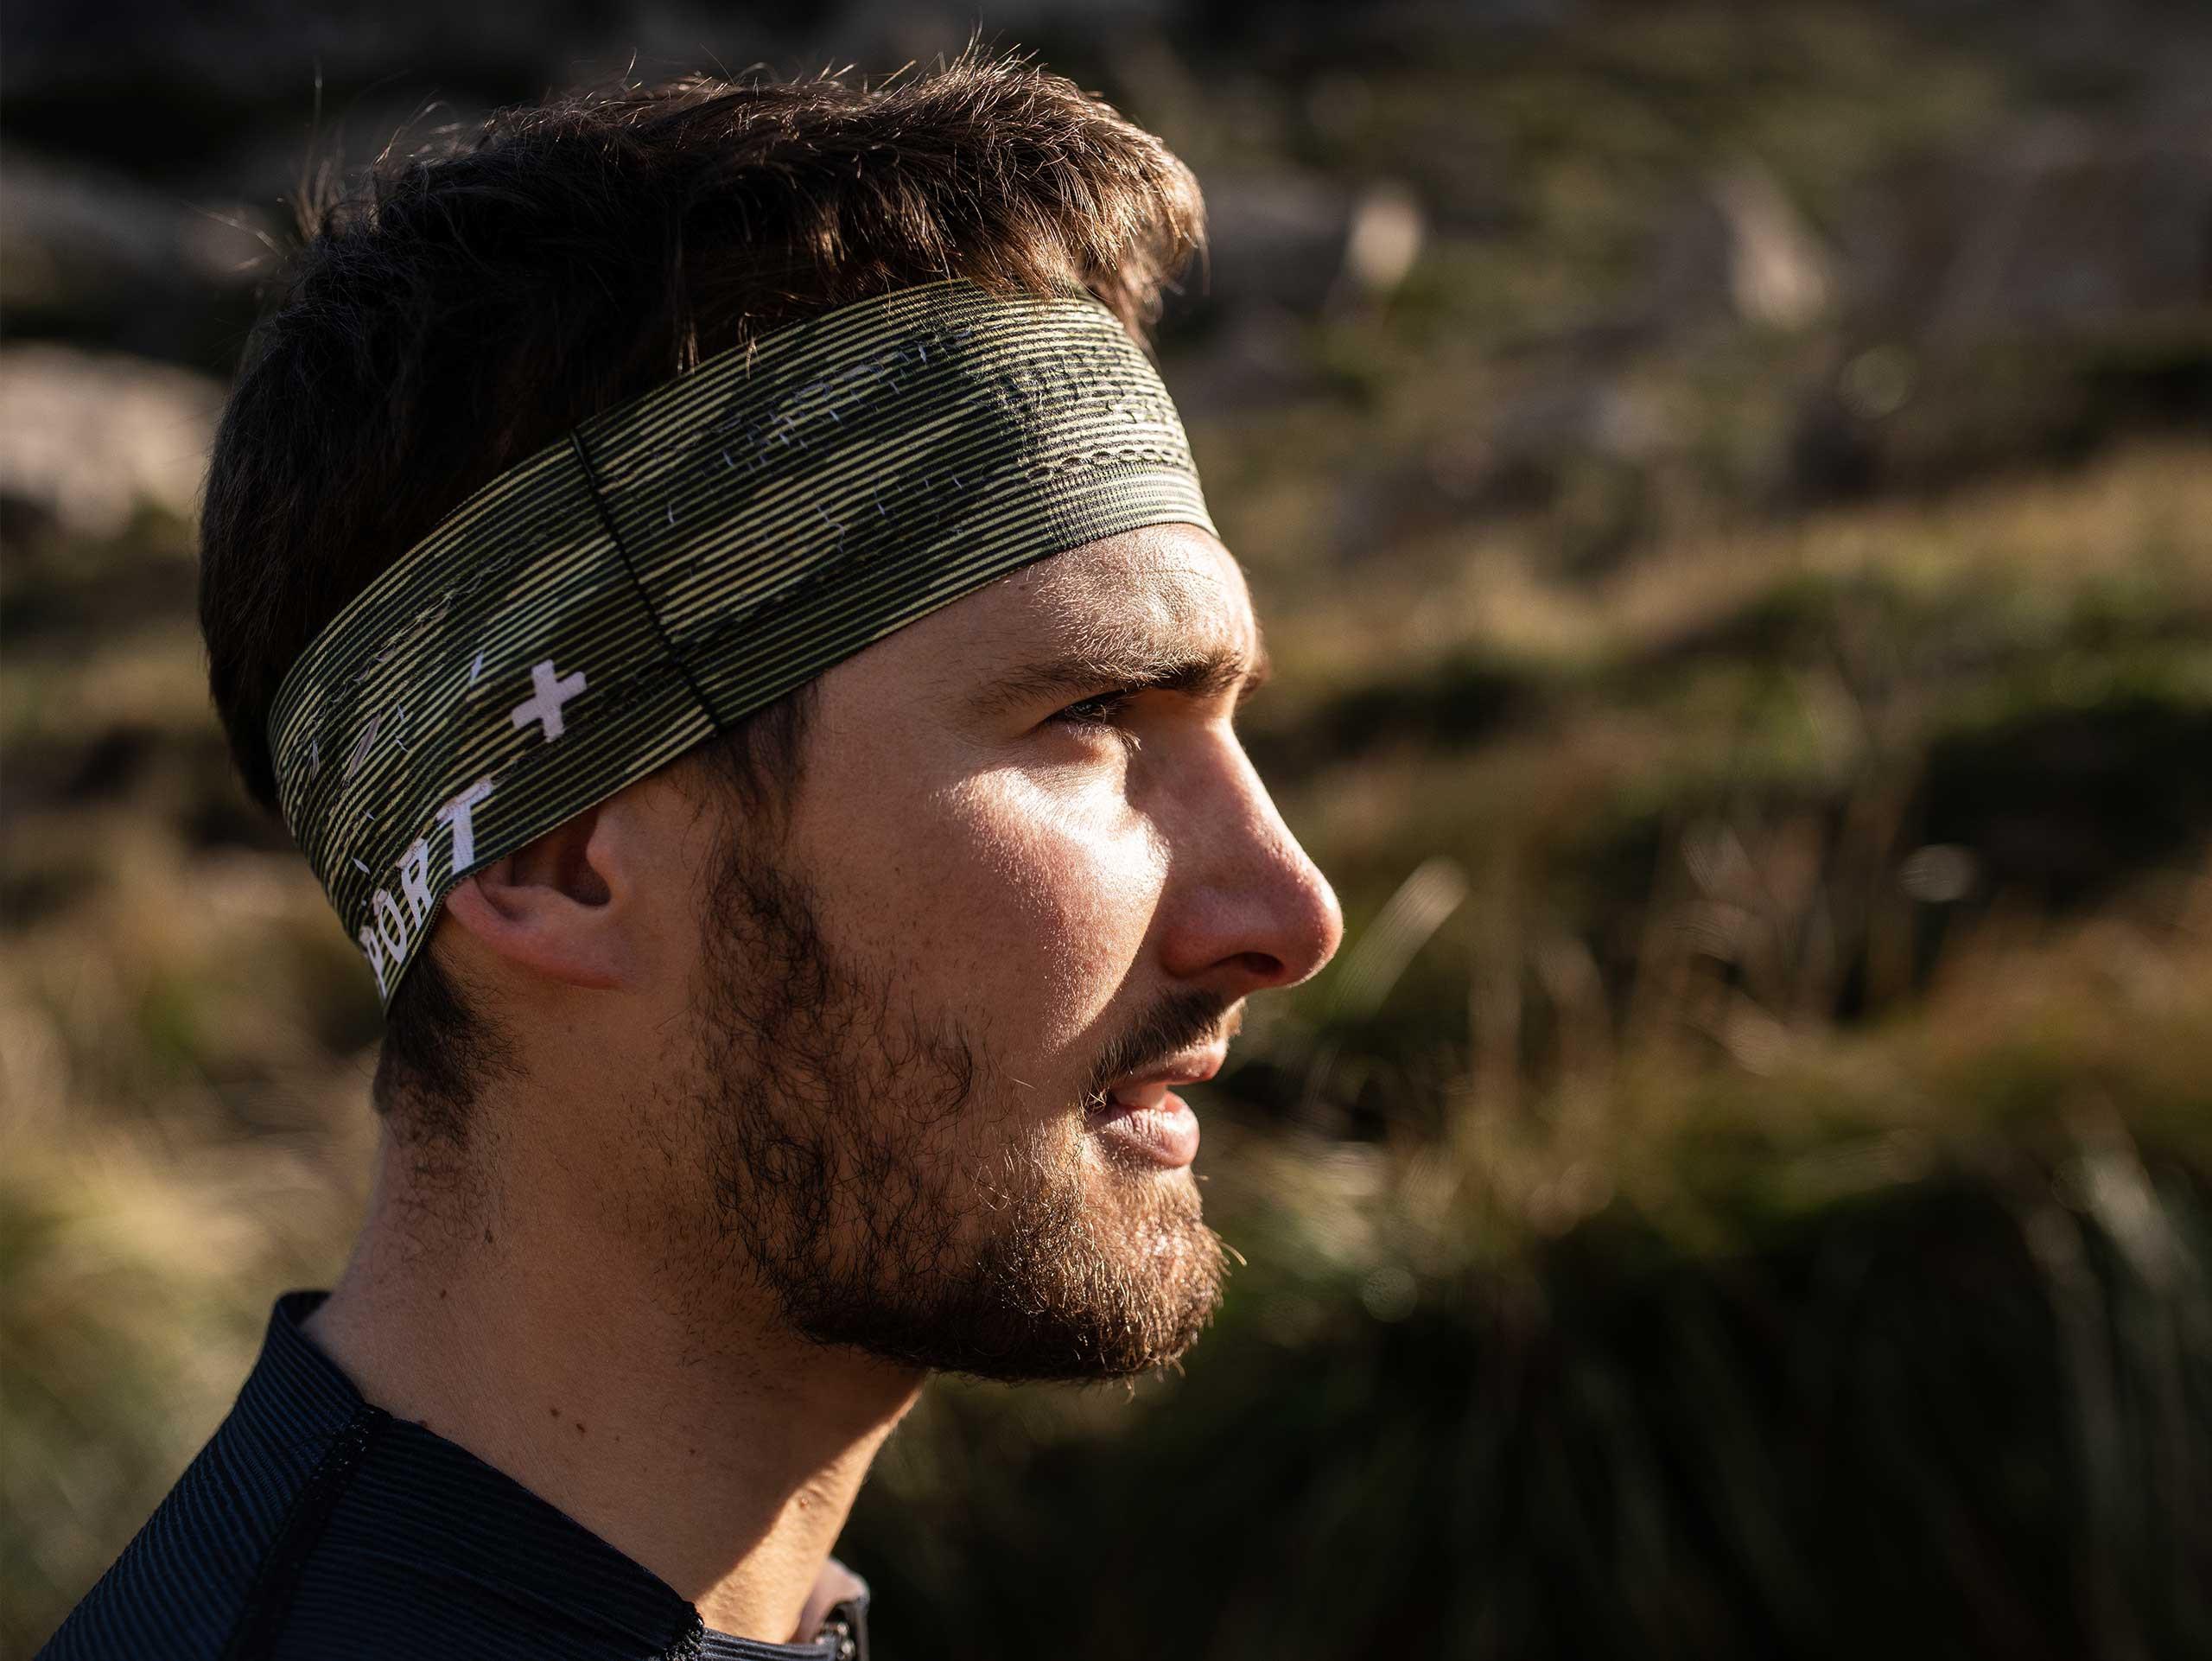 Thin Headband On/Off camo